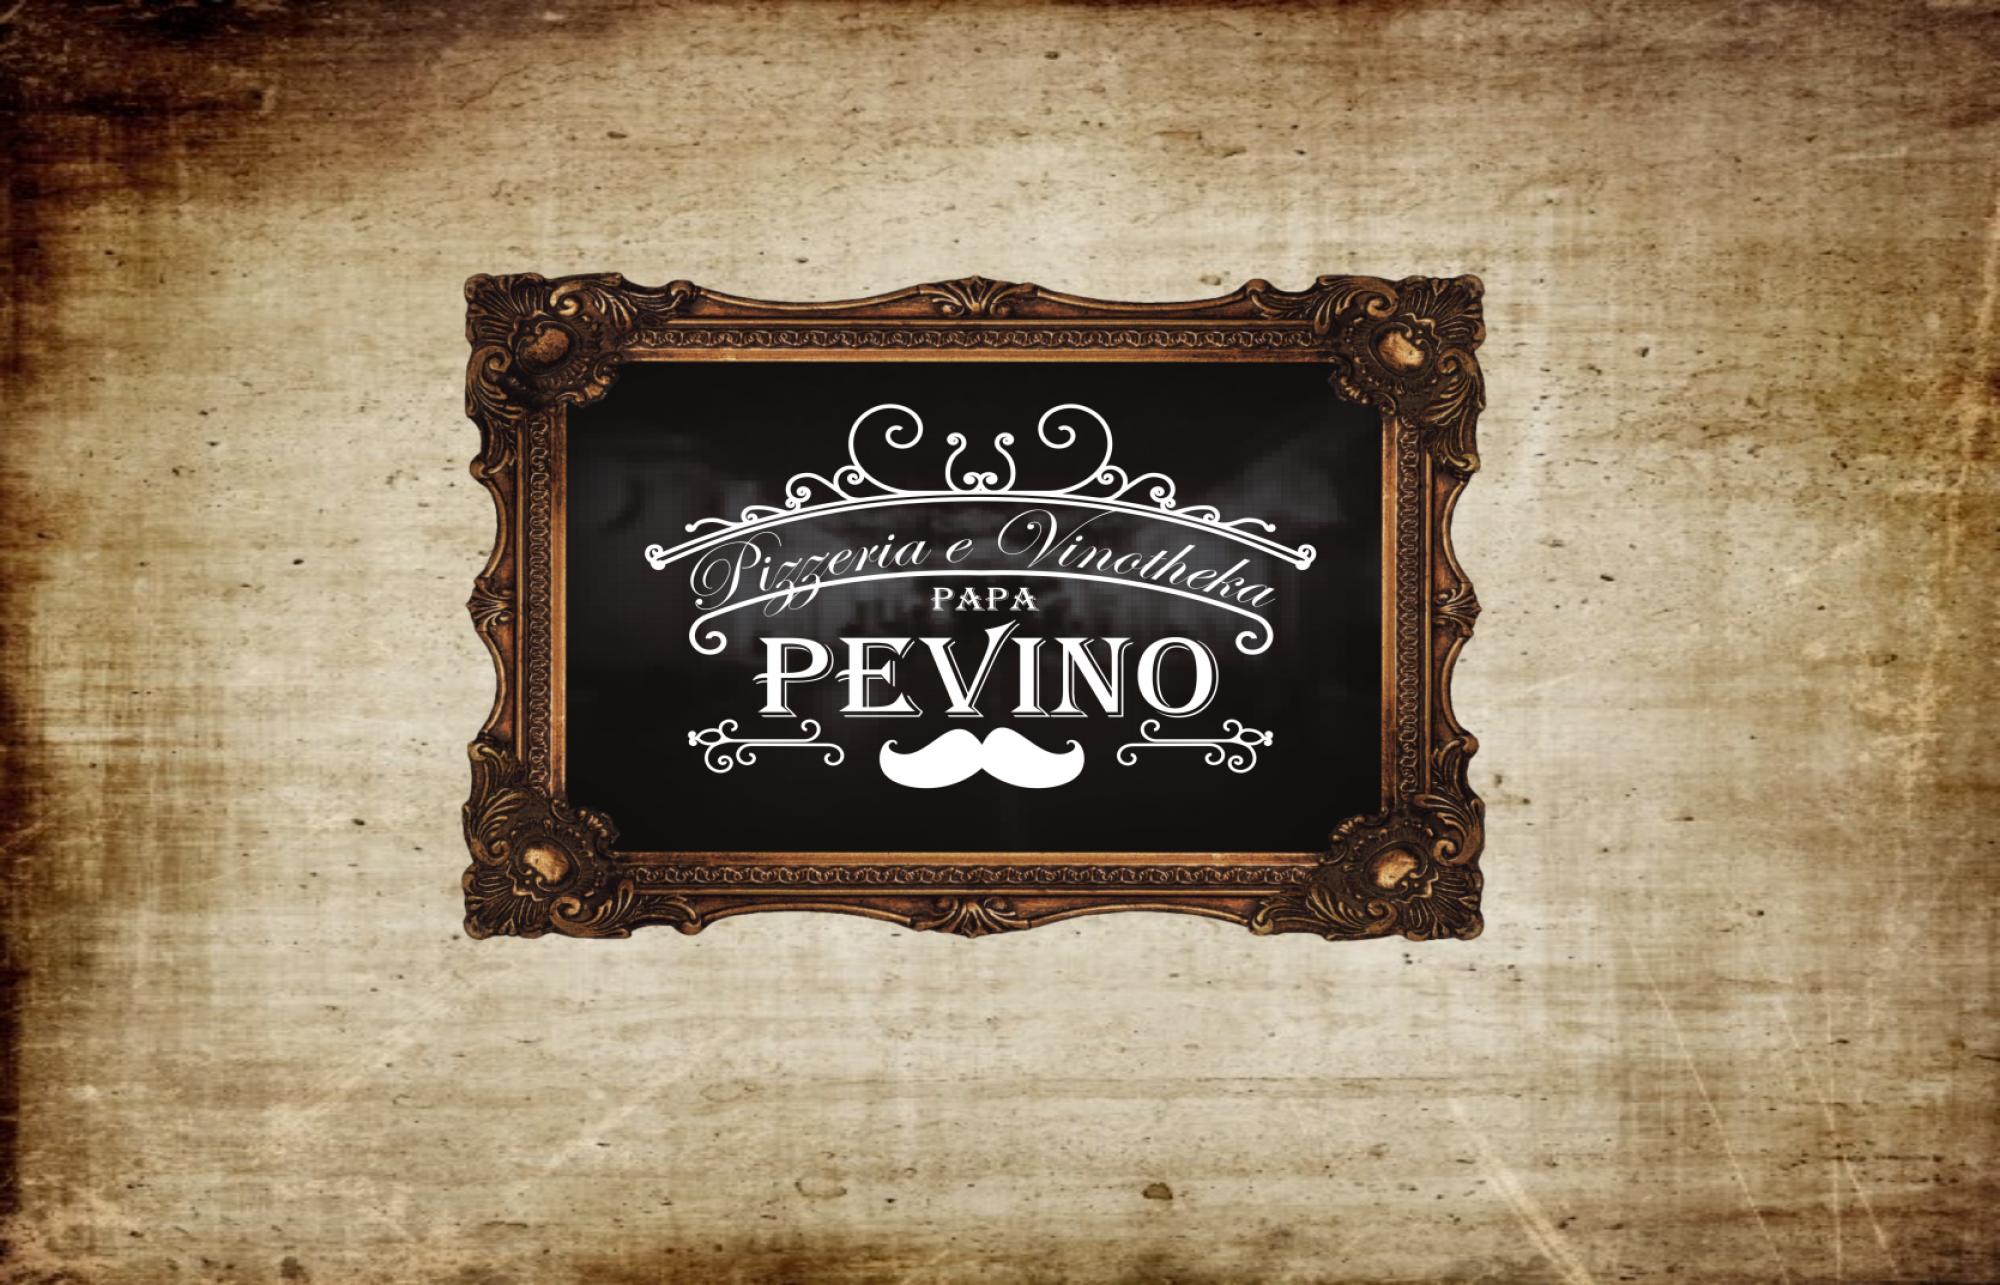 Pevino